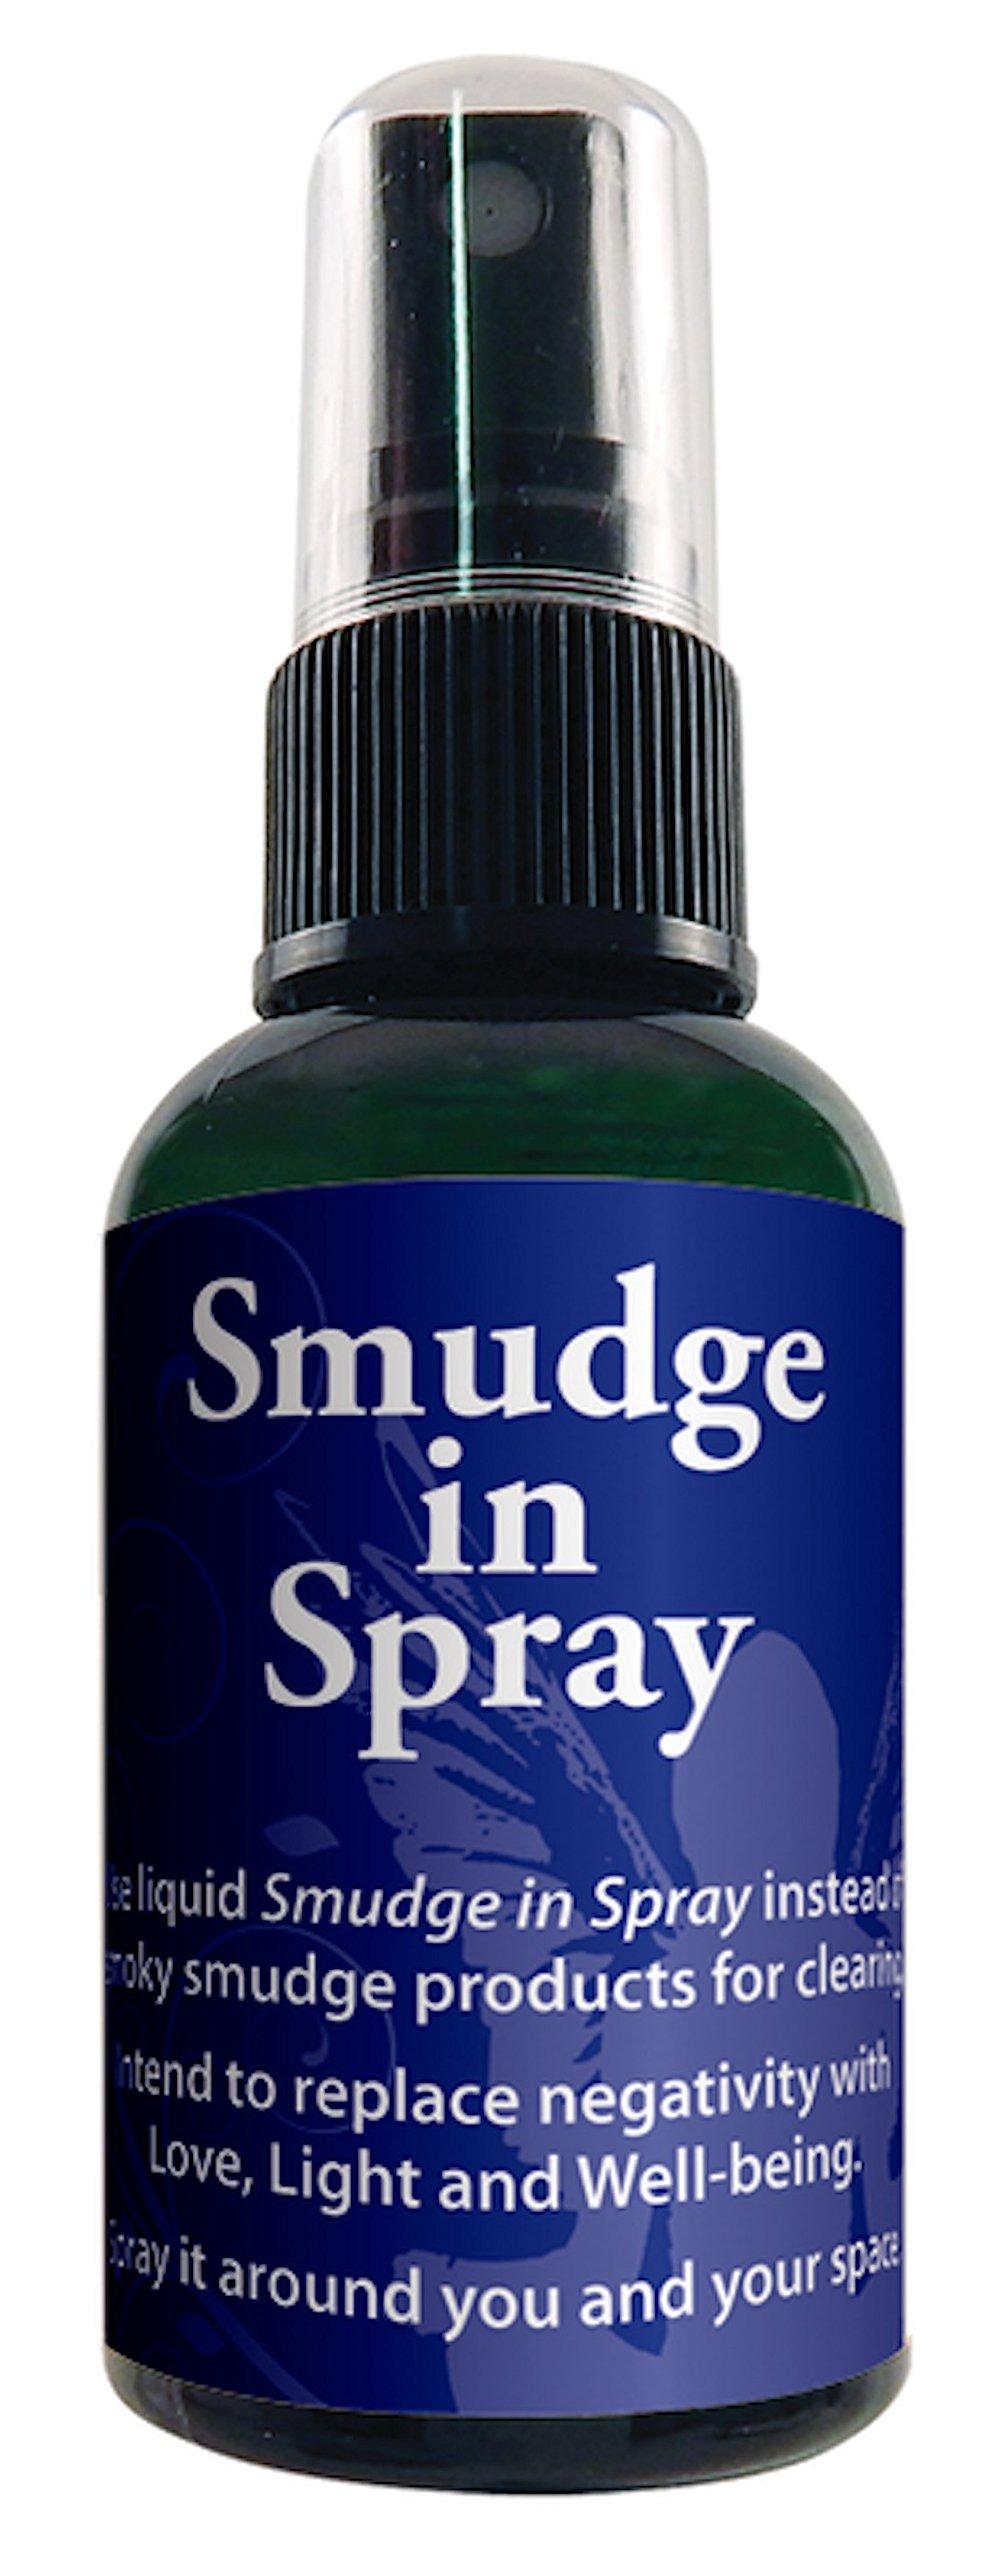 Smudge in Spray, 2 oz